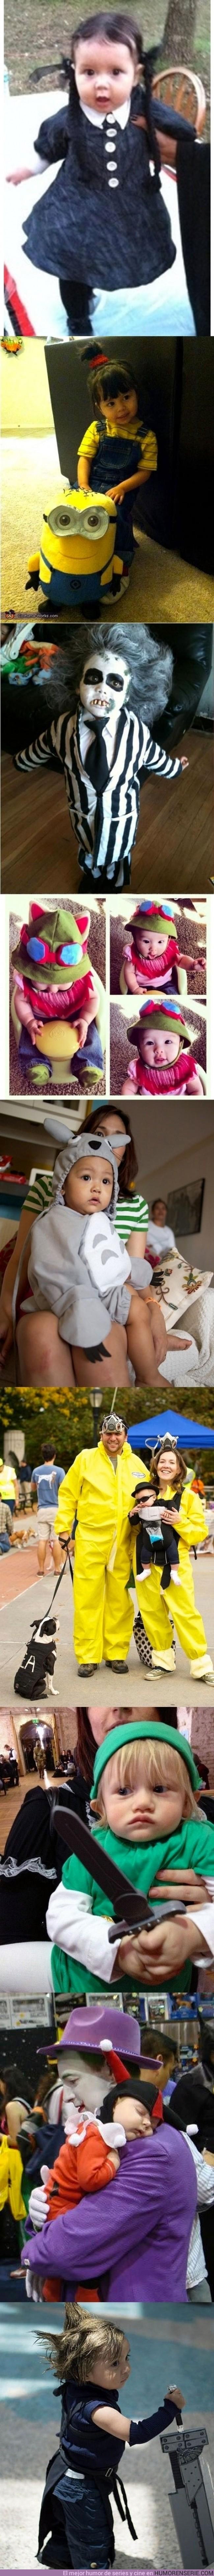 513 - DISFRACES INFANTILES - No tienen nada que envidiarle a los de los más mayores